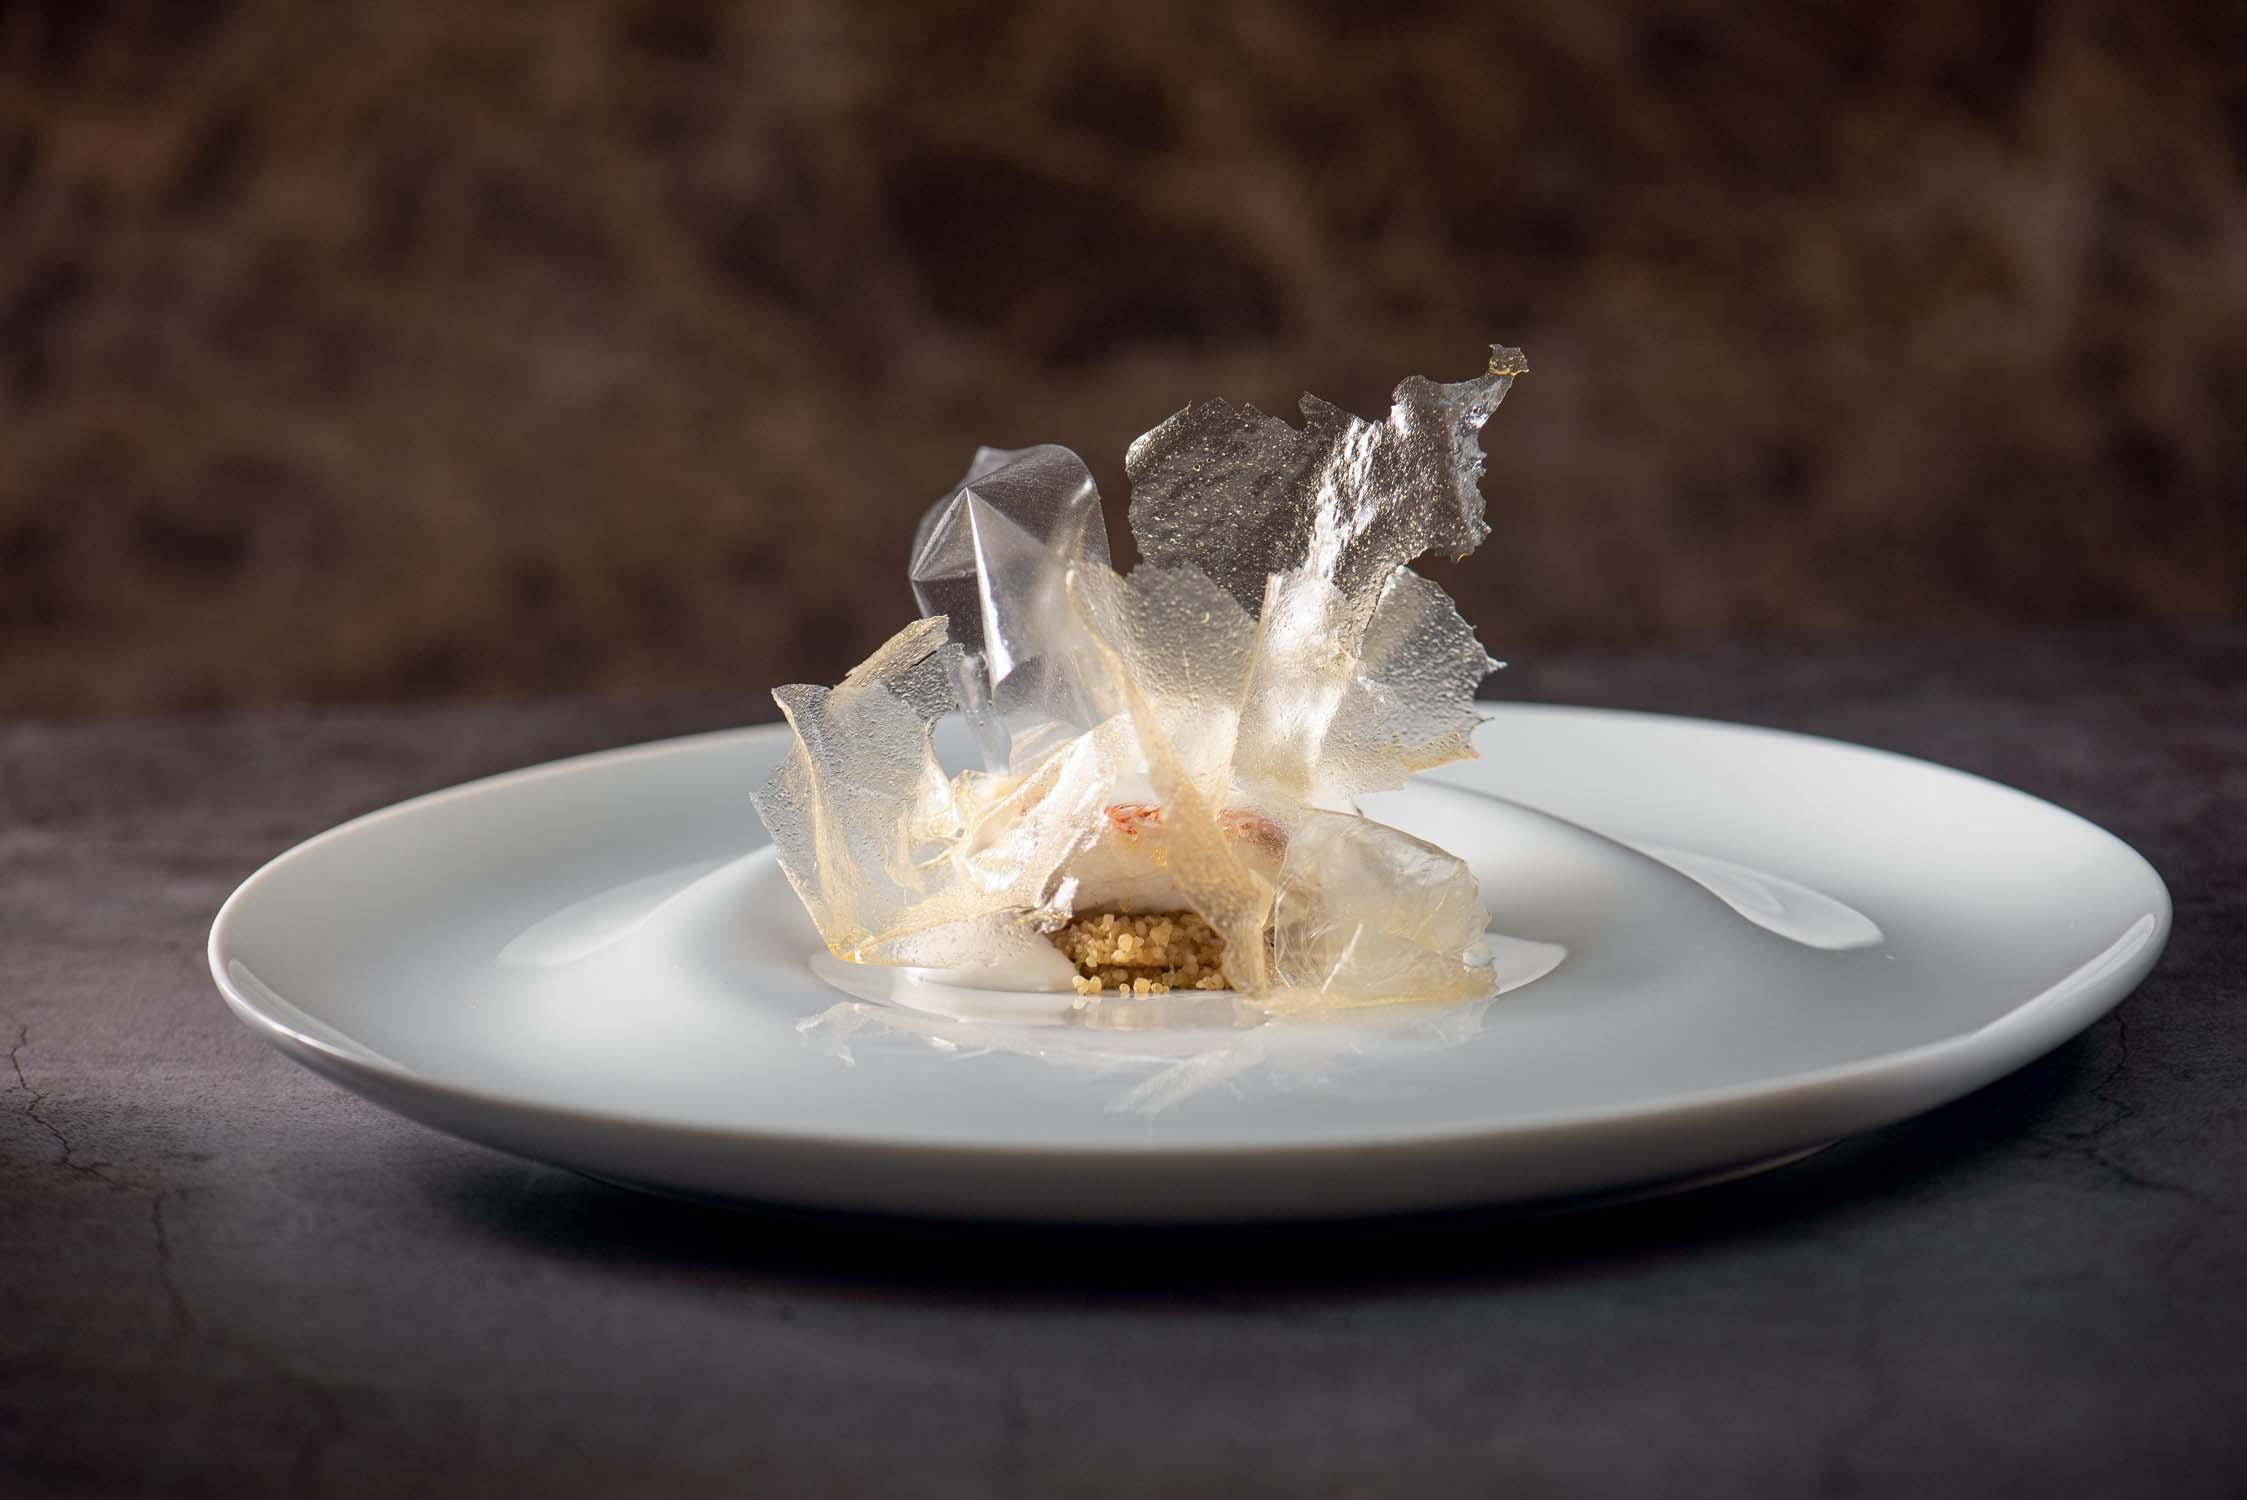 Comer & Beber 2020/2021 - Restaurantes - Italiano - Evvai